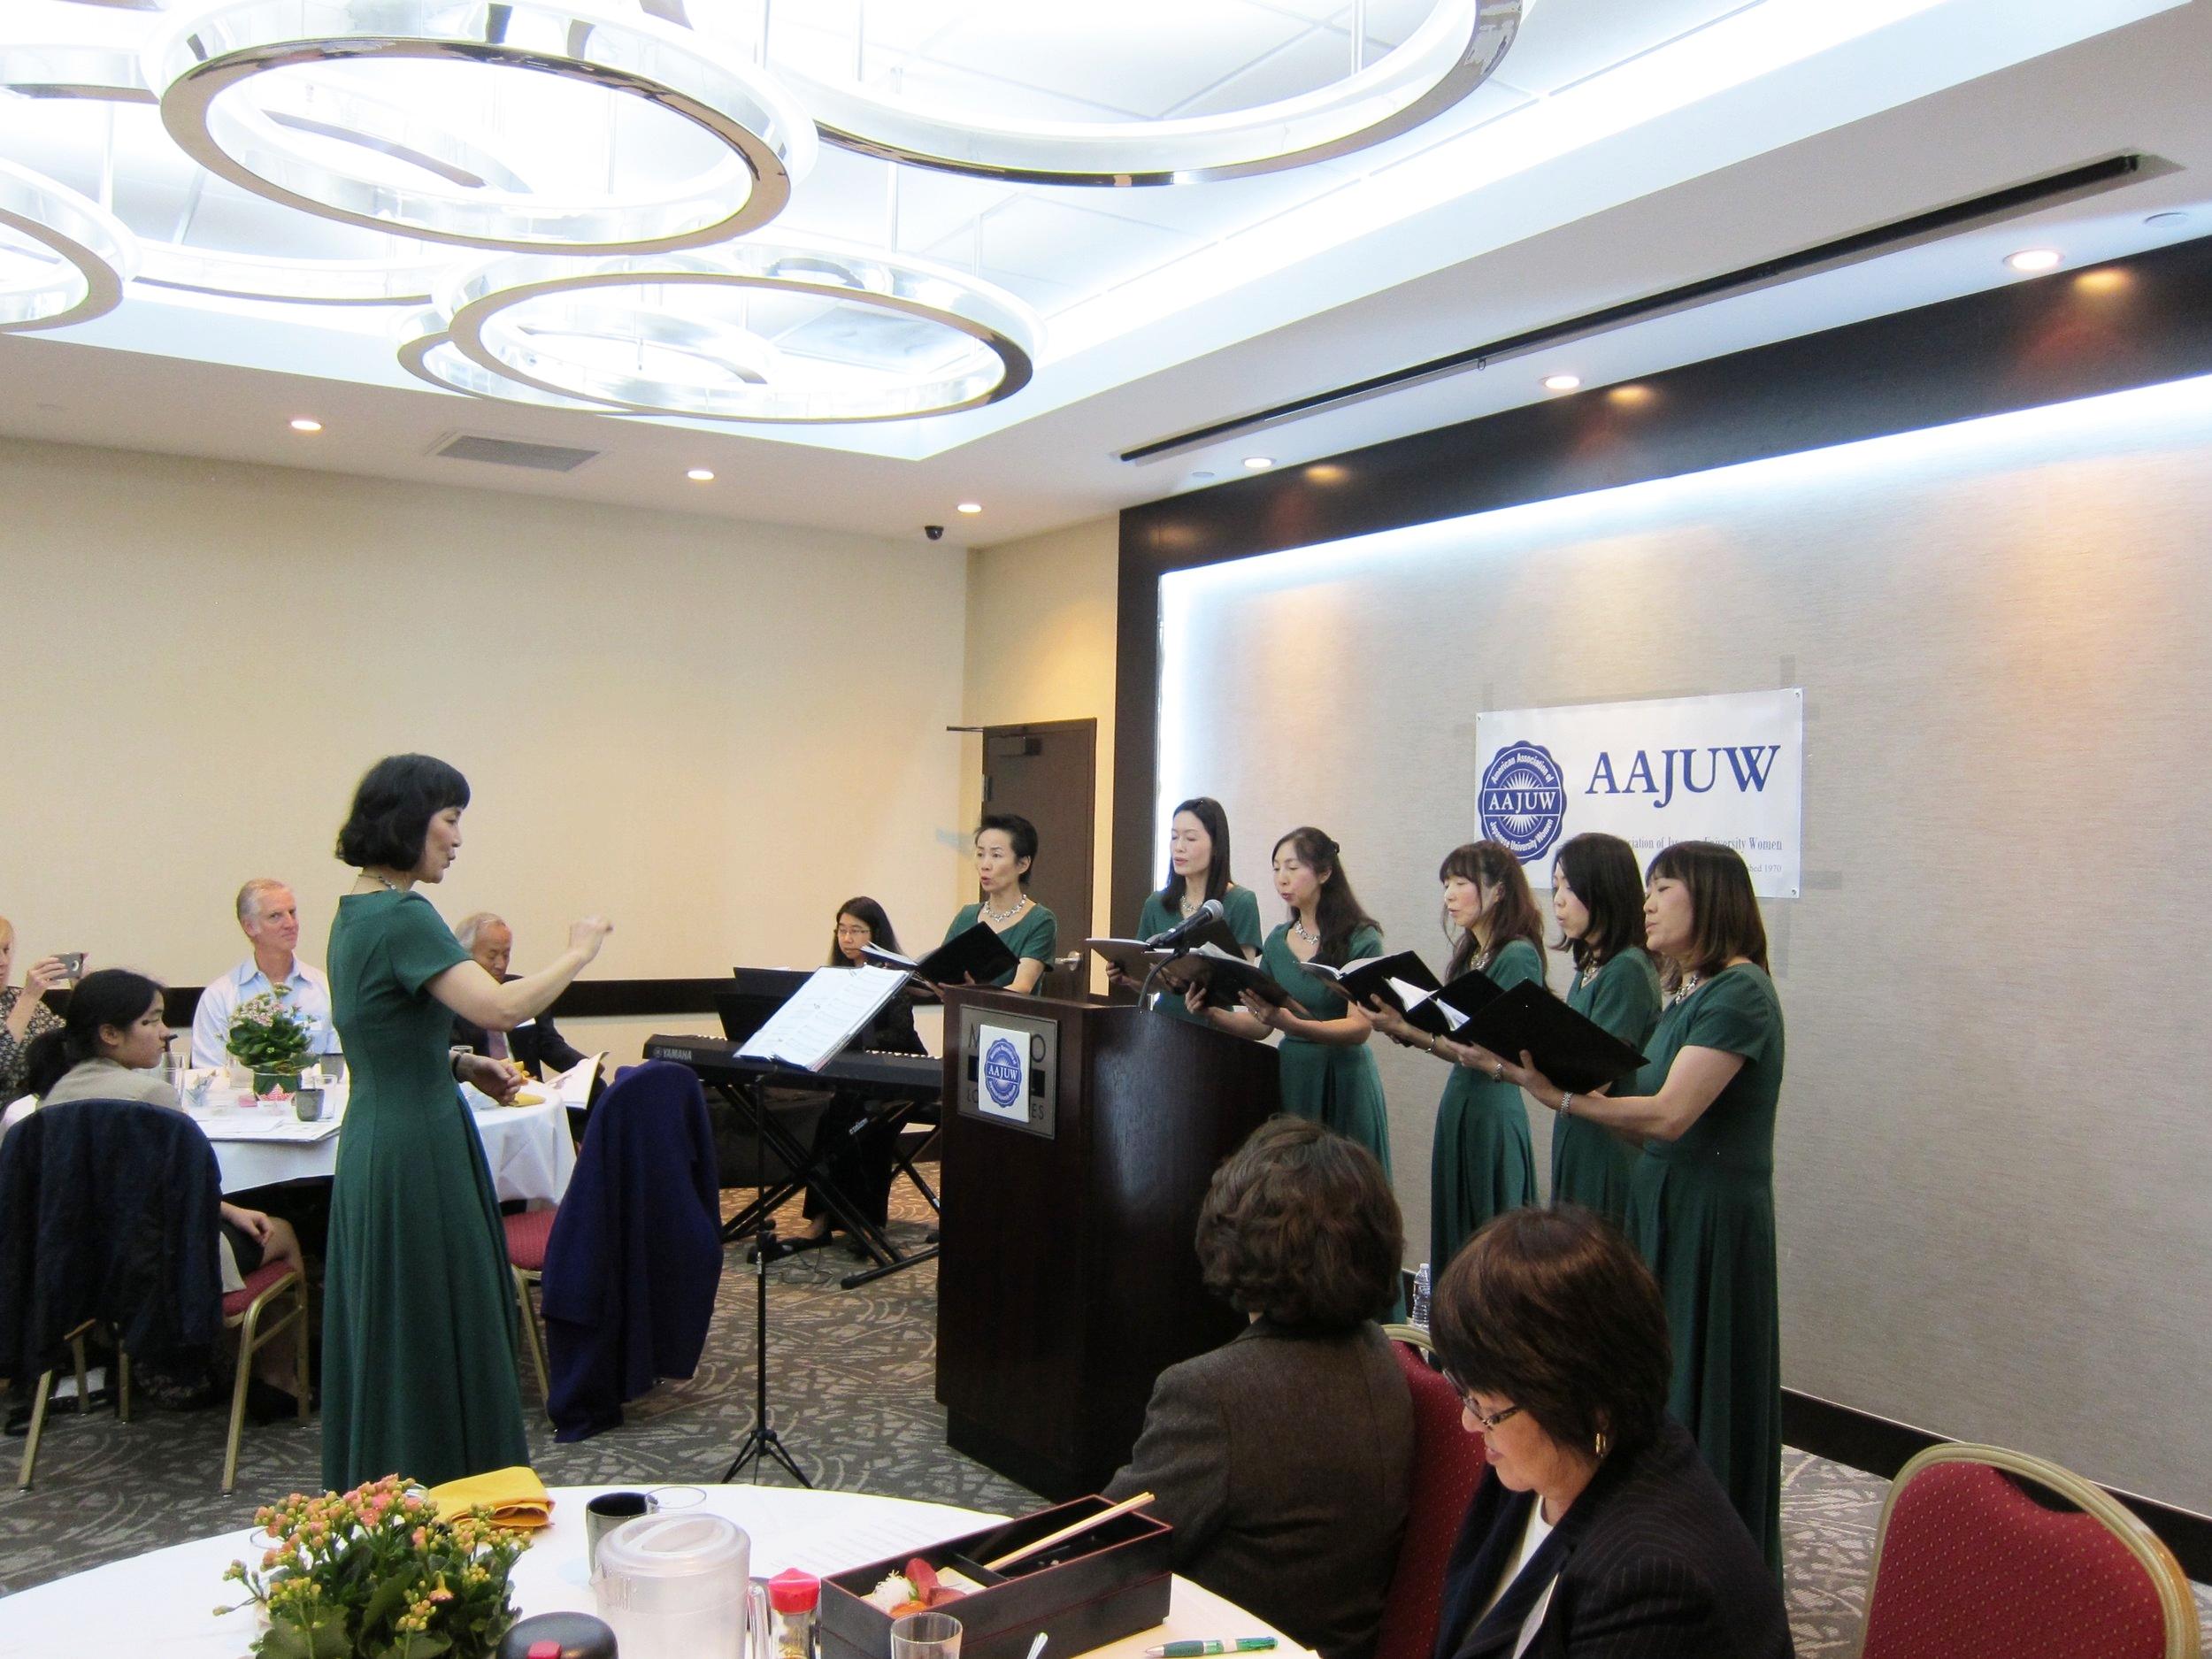 エンターテイメントは竹下圭子さんの指揮のもと女性アンサンブル・グレースノートの美しい歌声を拝聴しました